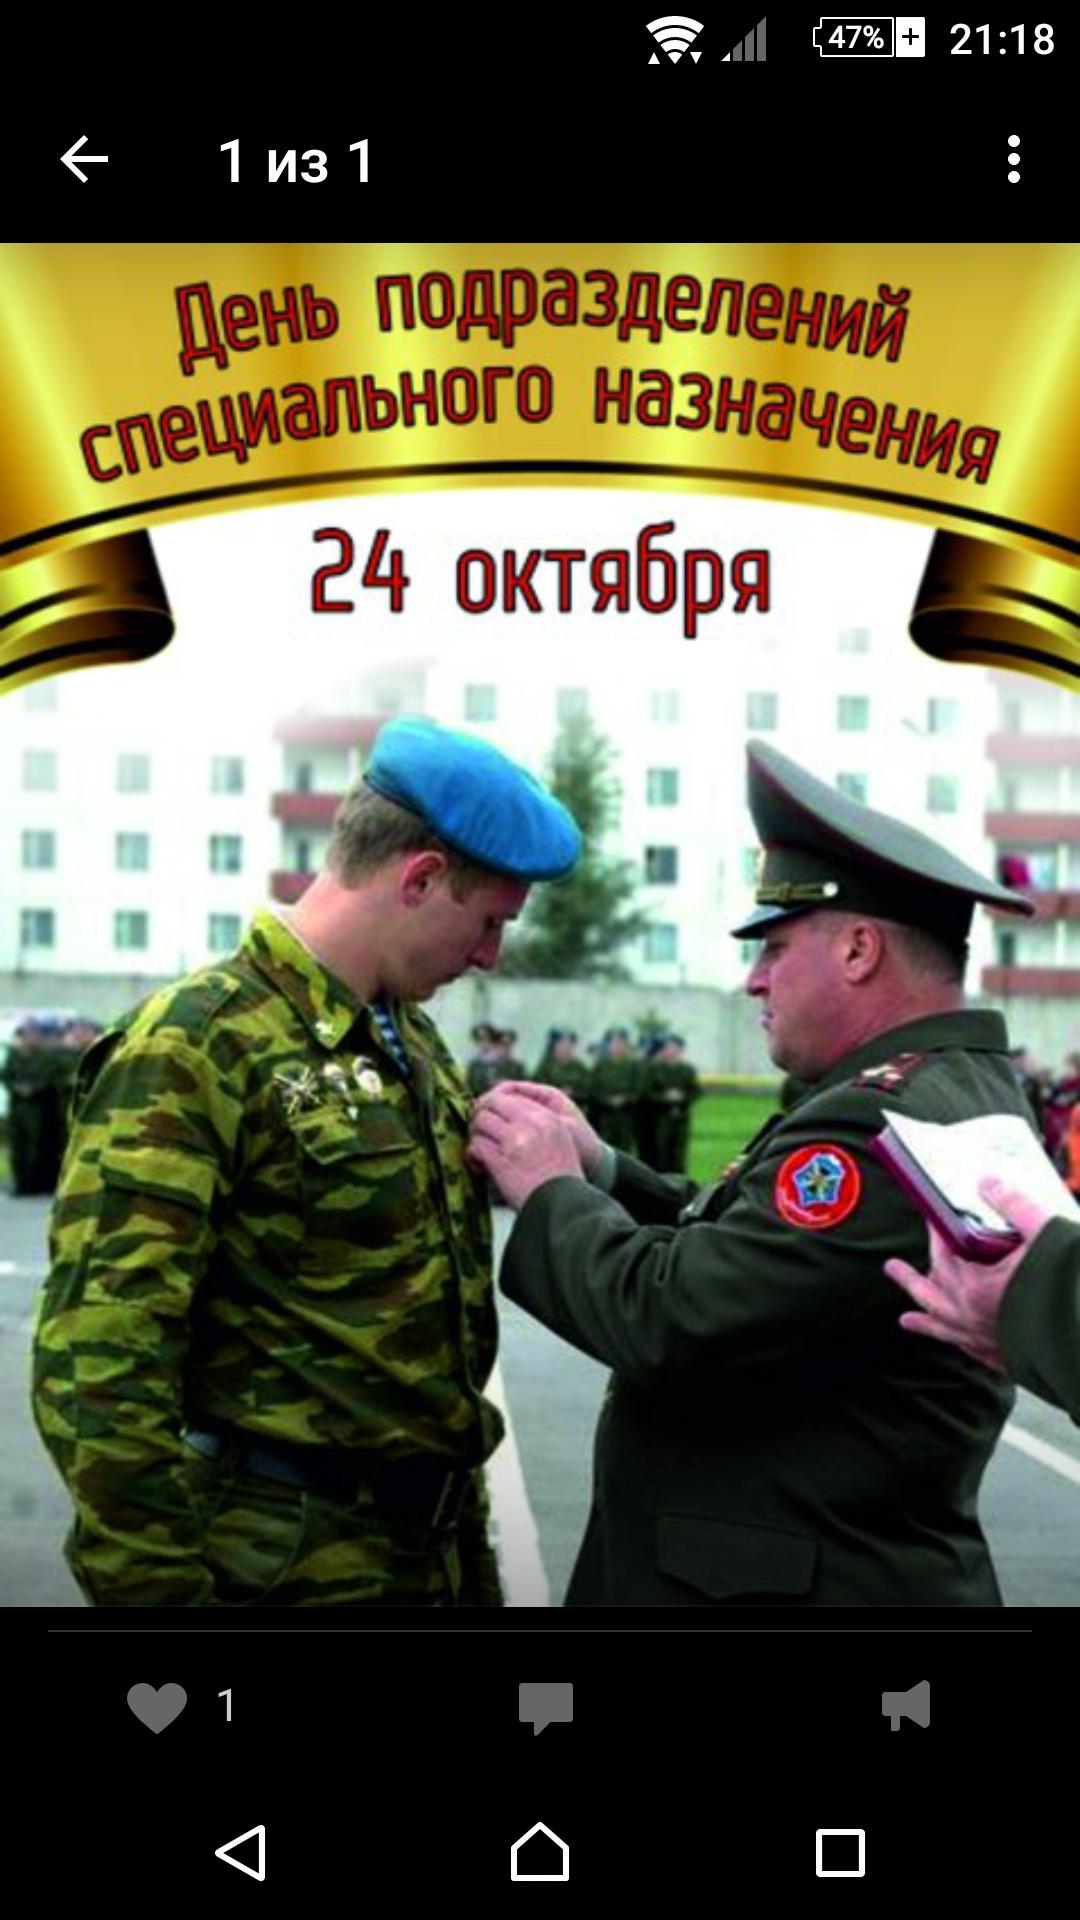 Поздравления с днем подразделения специального подразделения